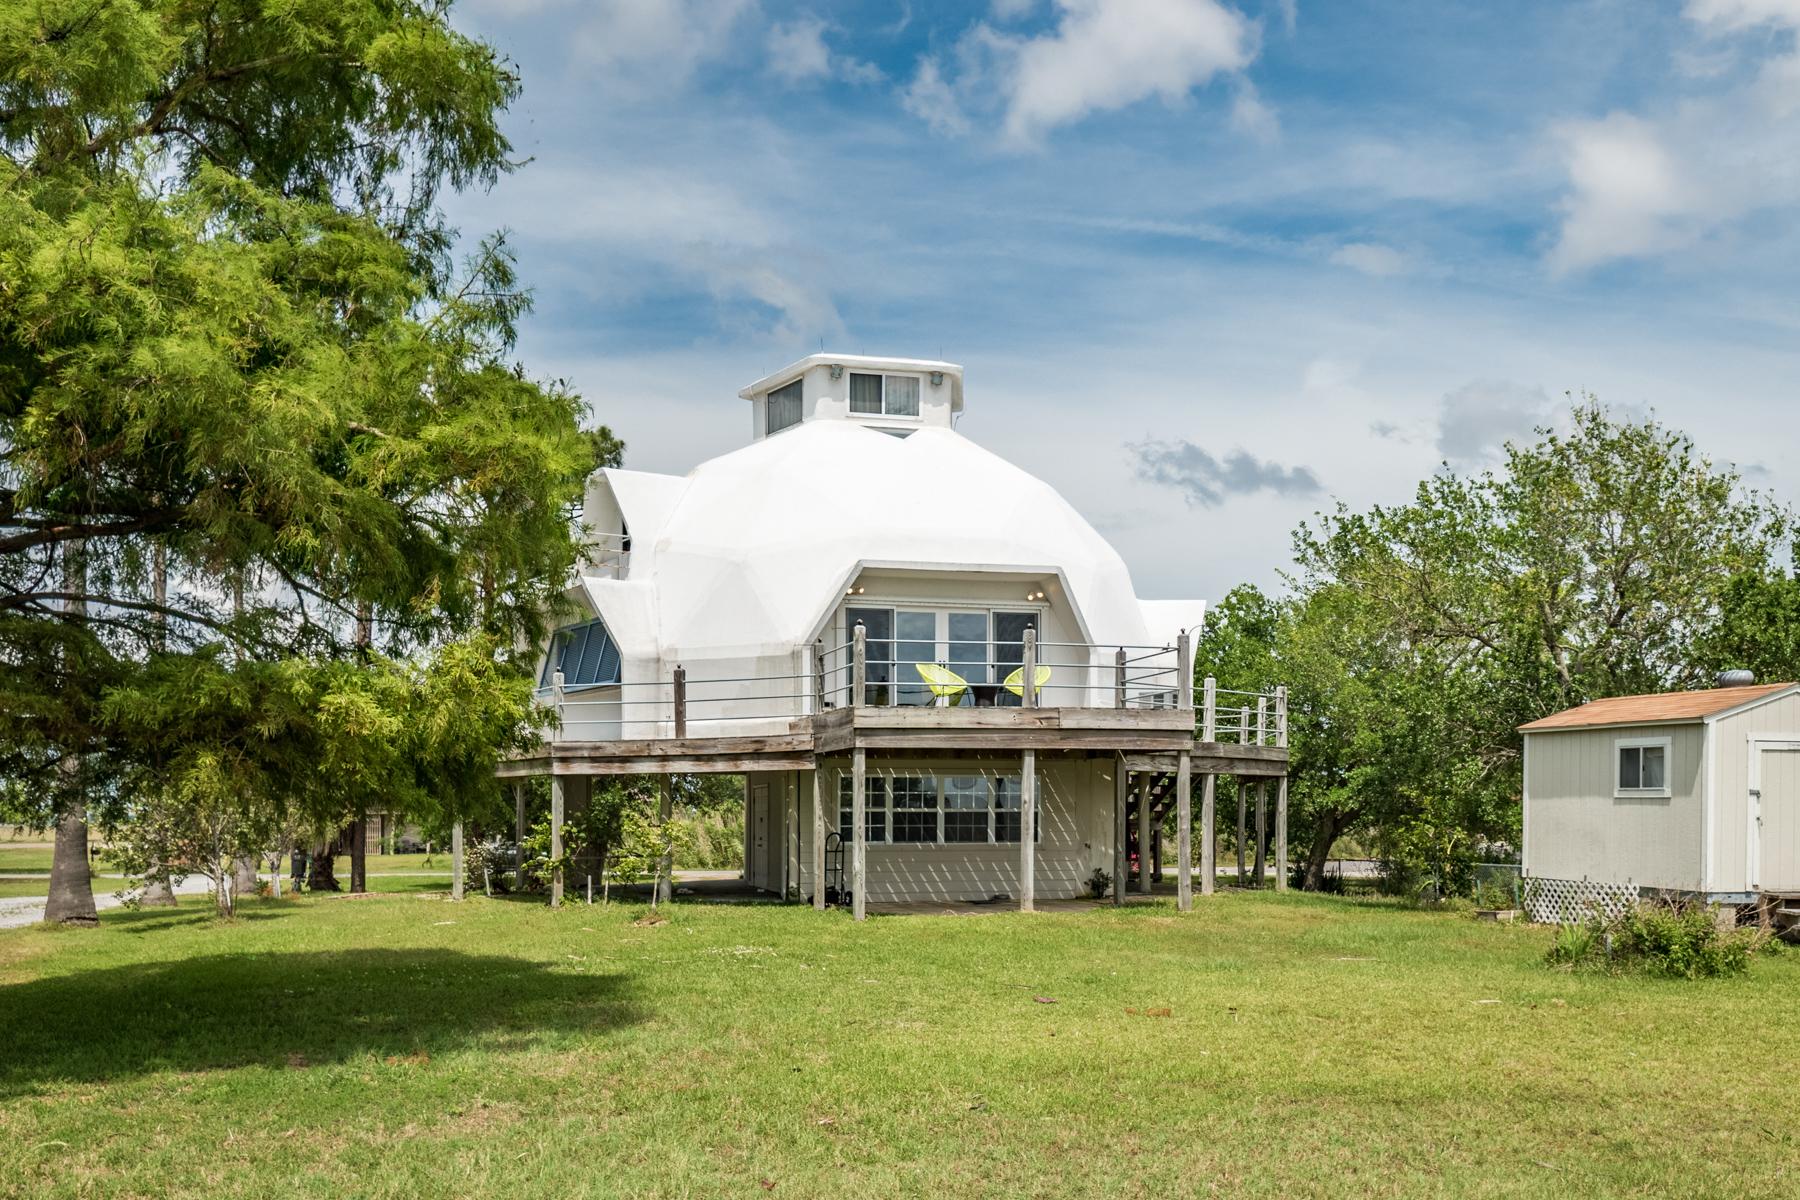 Einfamilienhaus für Verkauf beim Lakefront Dome House 273 Debbie Drive Slidell, Louisiana, 70458 Vereinigte Staaten